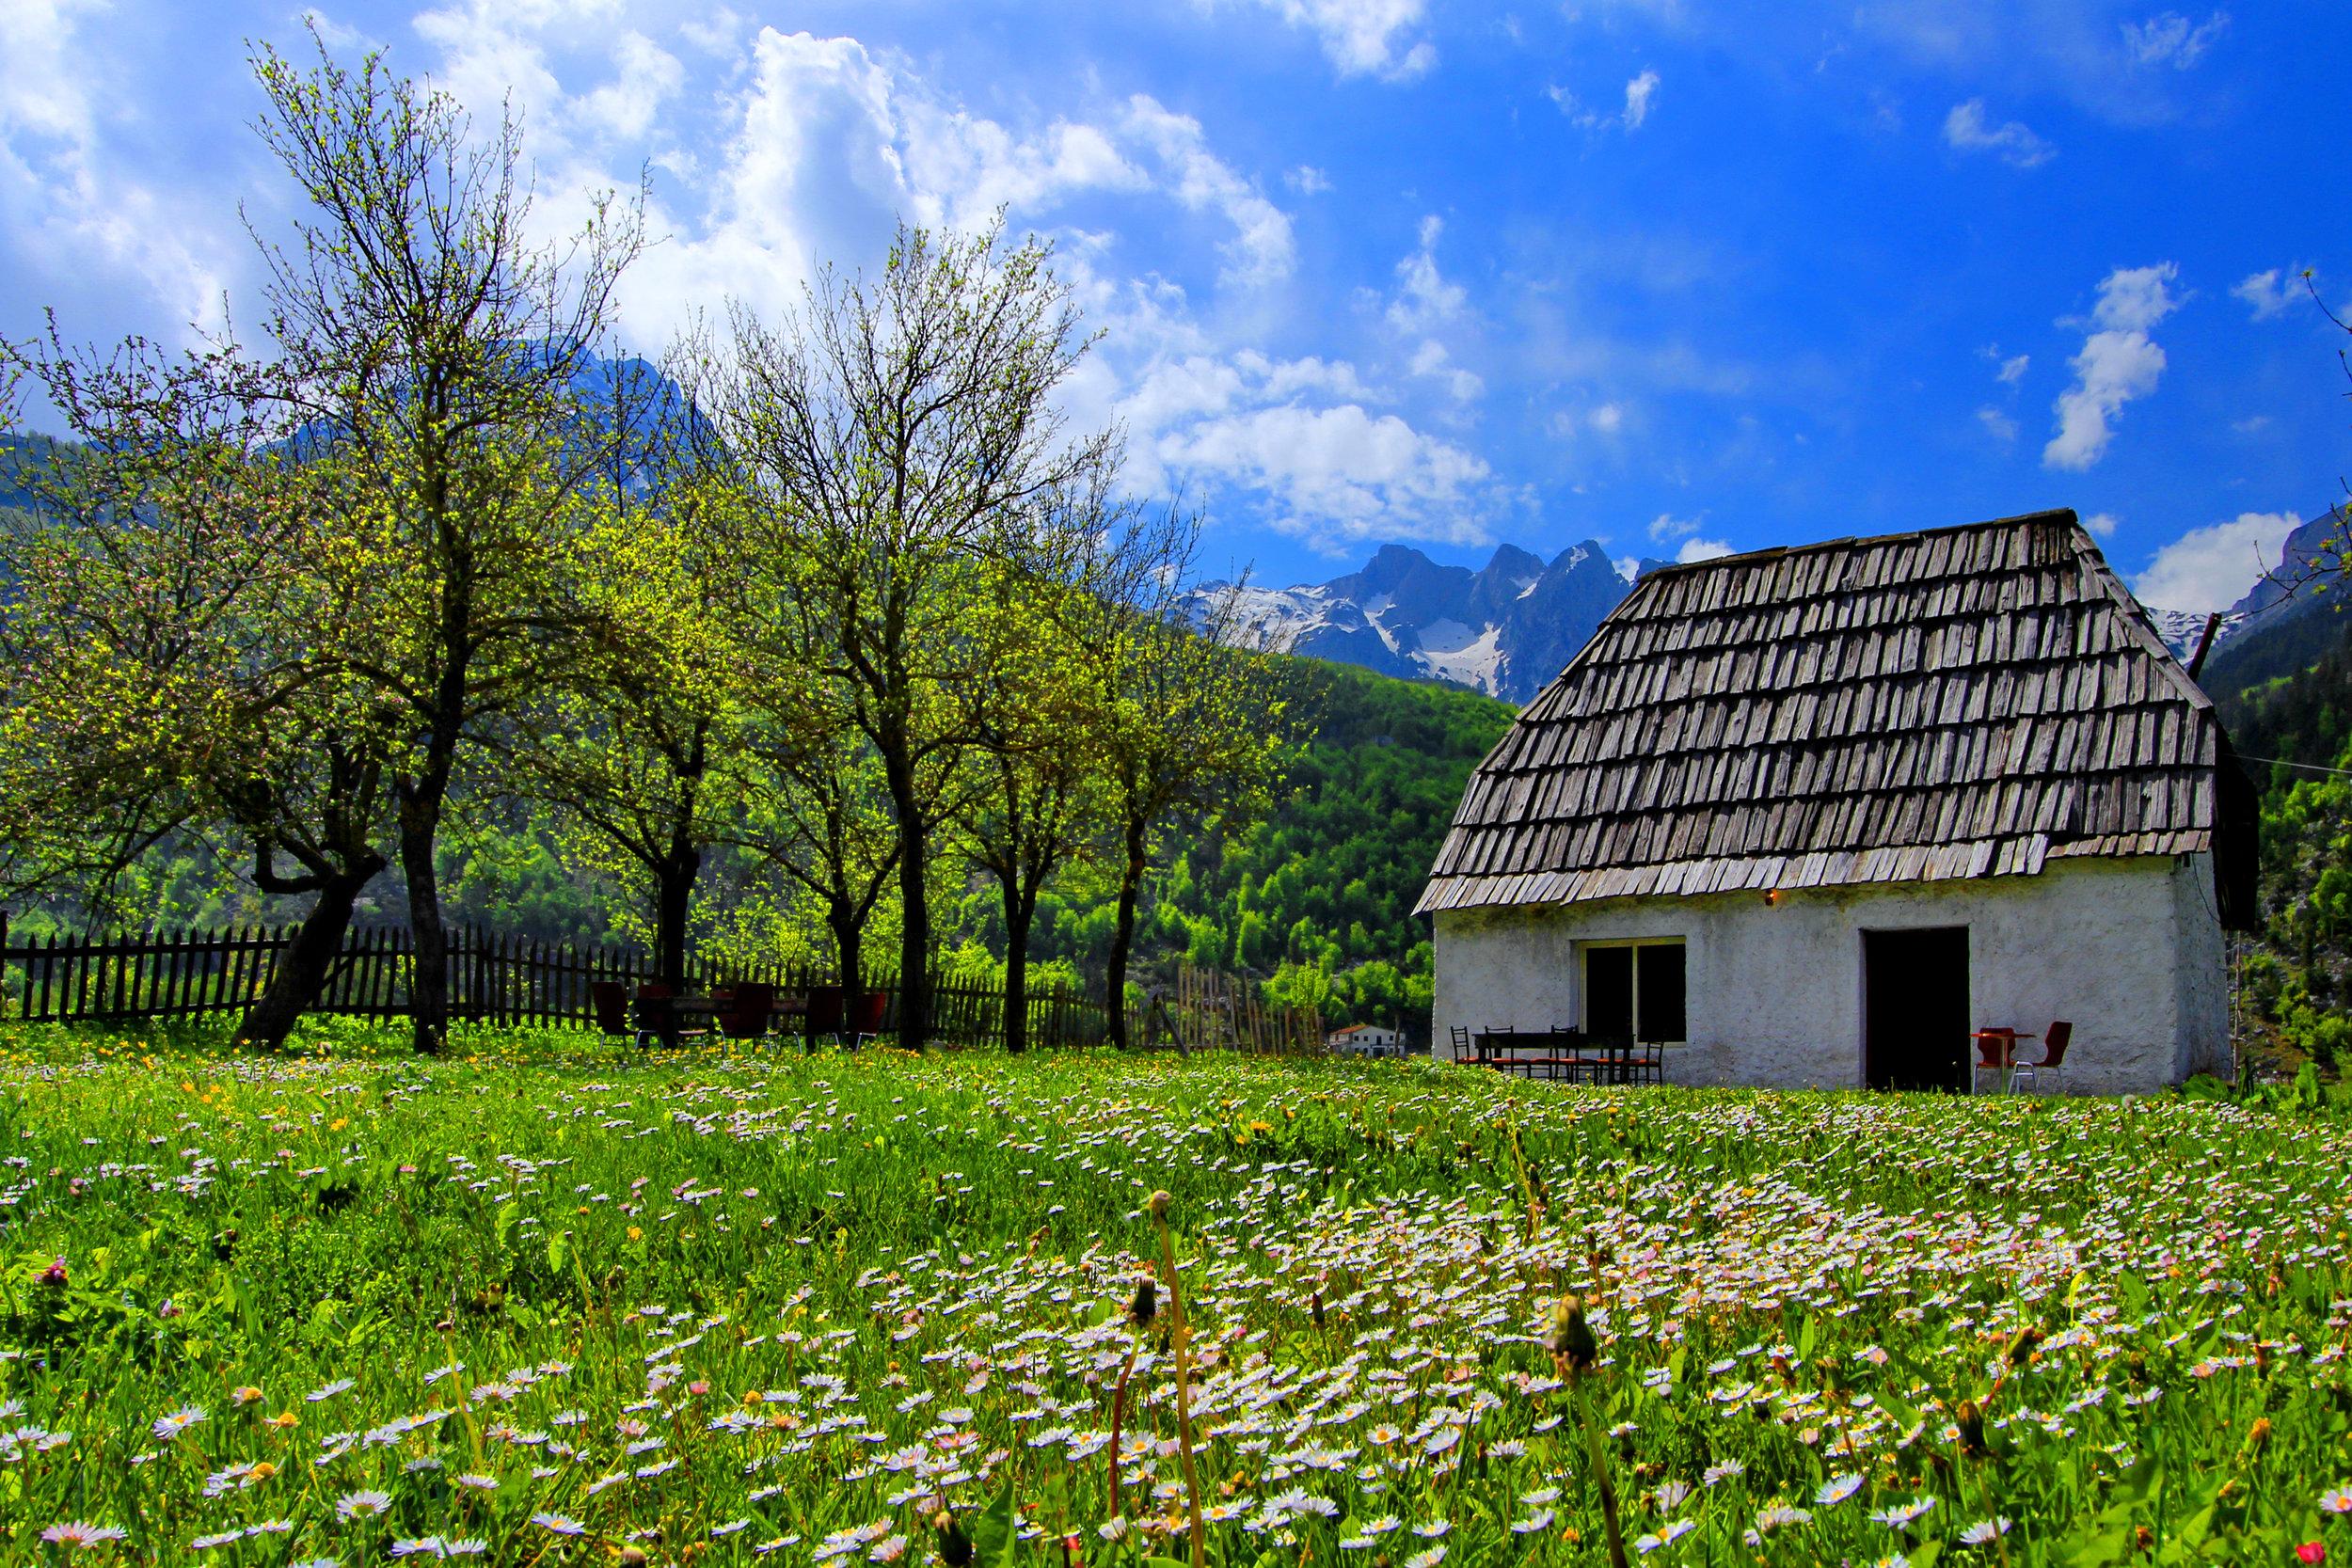 Albania Trekking accursed 4.jpg